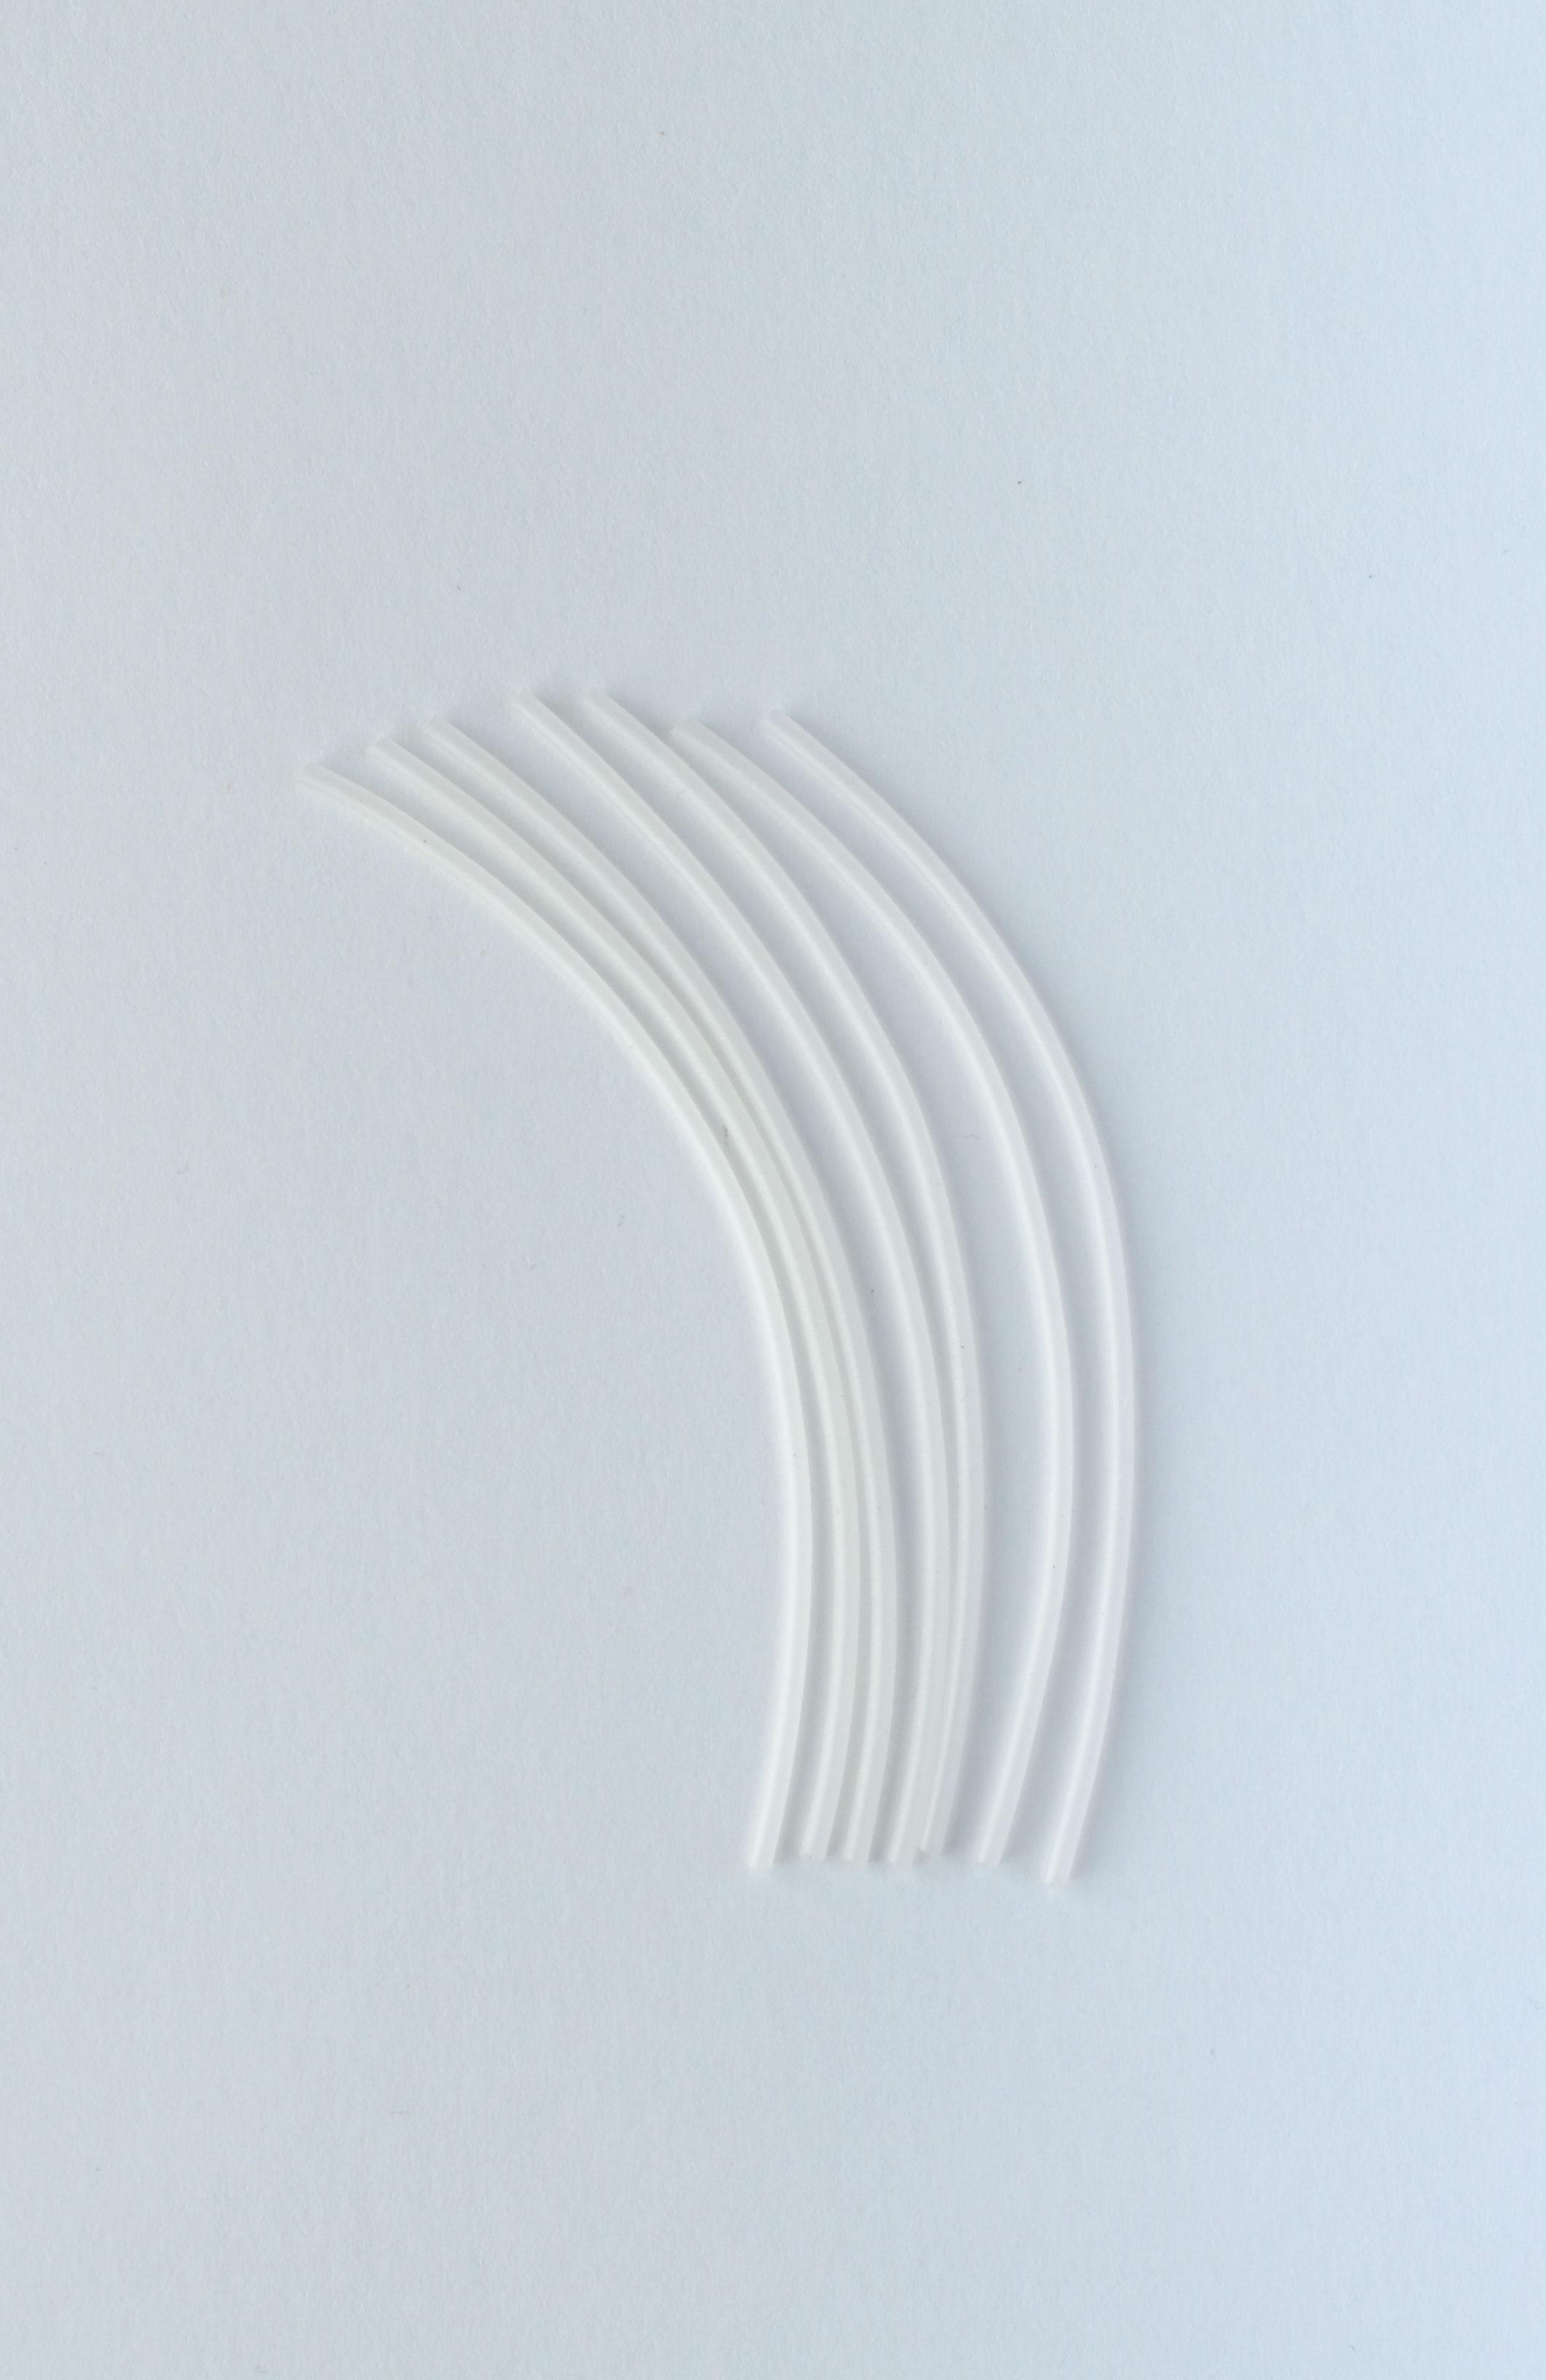 Кембрик силиконовый для поплавка 20010 д 1,6 мм (уп 50 см)